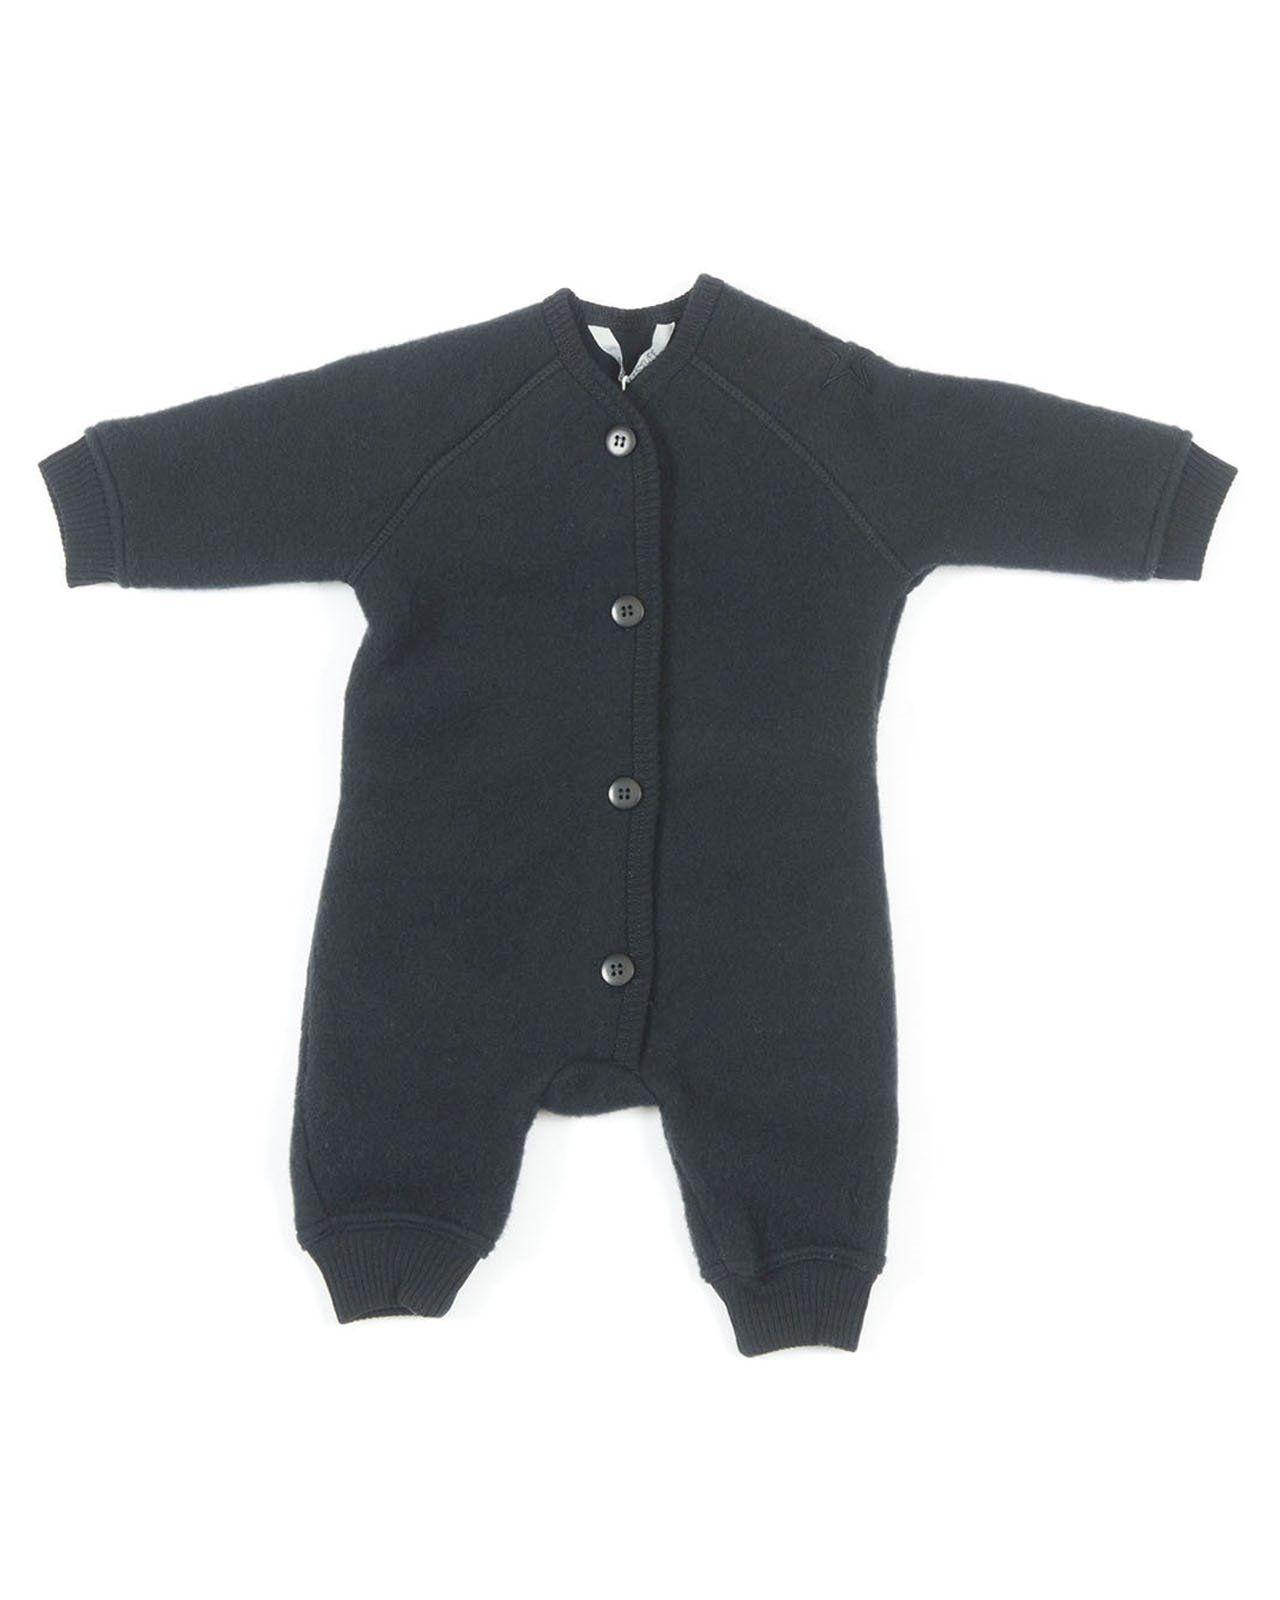 Billede af jumpsuit fra Smallstuff i merino uld med knapper - Black